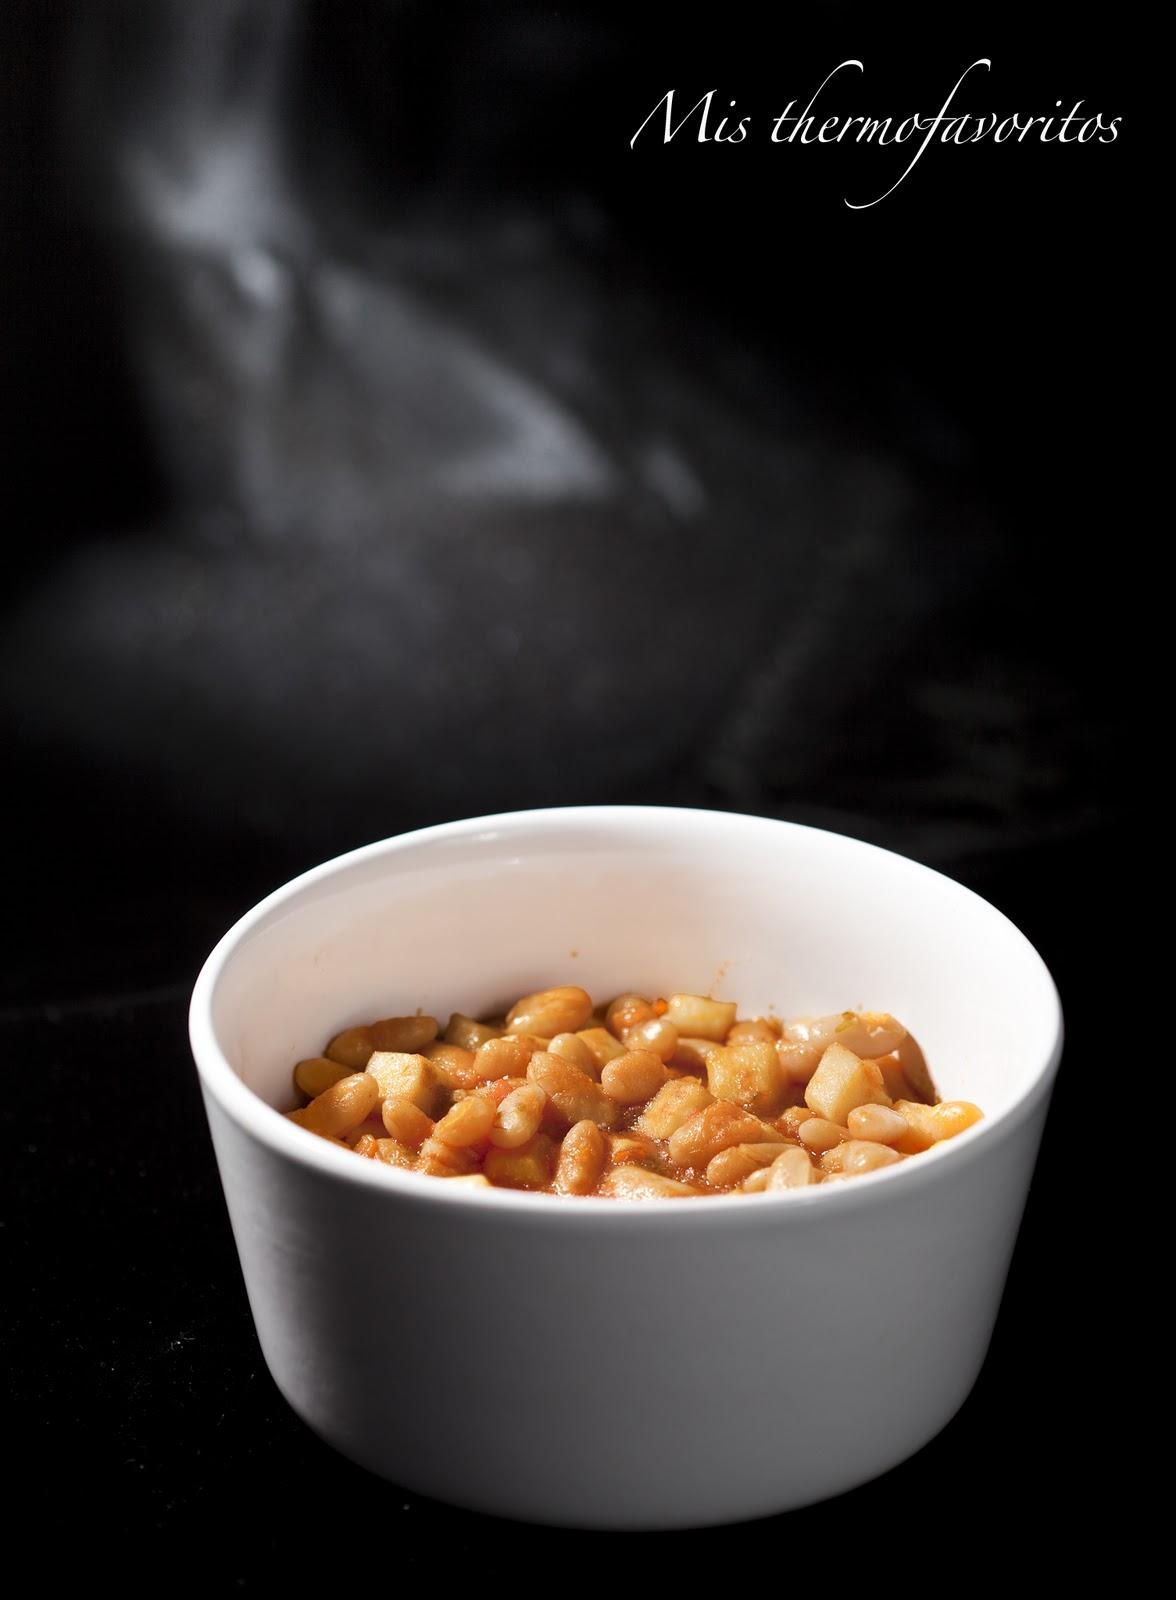 Guiso de jud as blancas con sepia utilizando thermomix cocina f cil y barata - Cocina facil y saludable thermomix ...